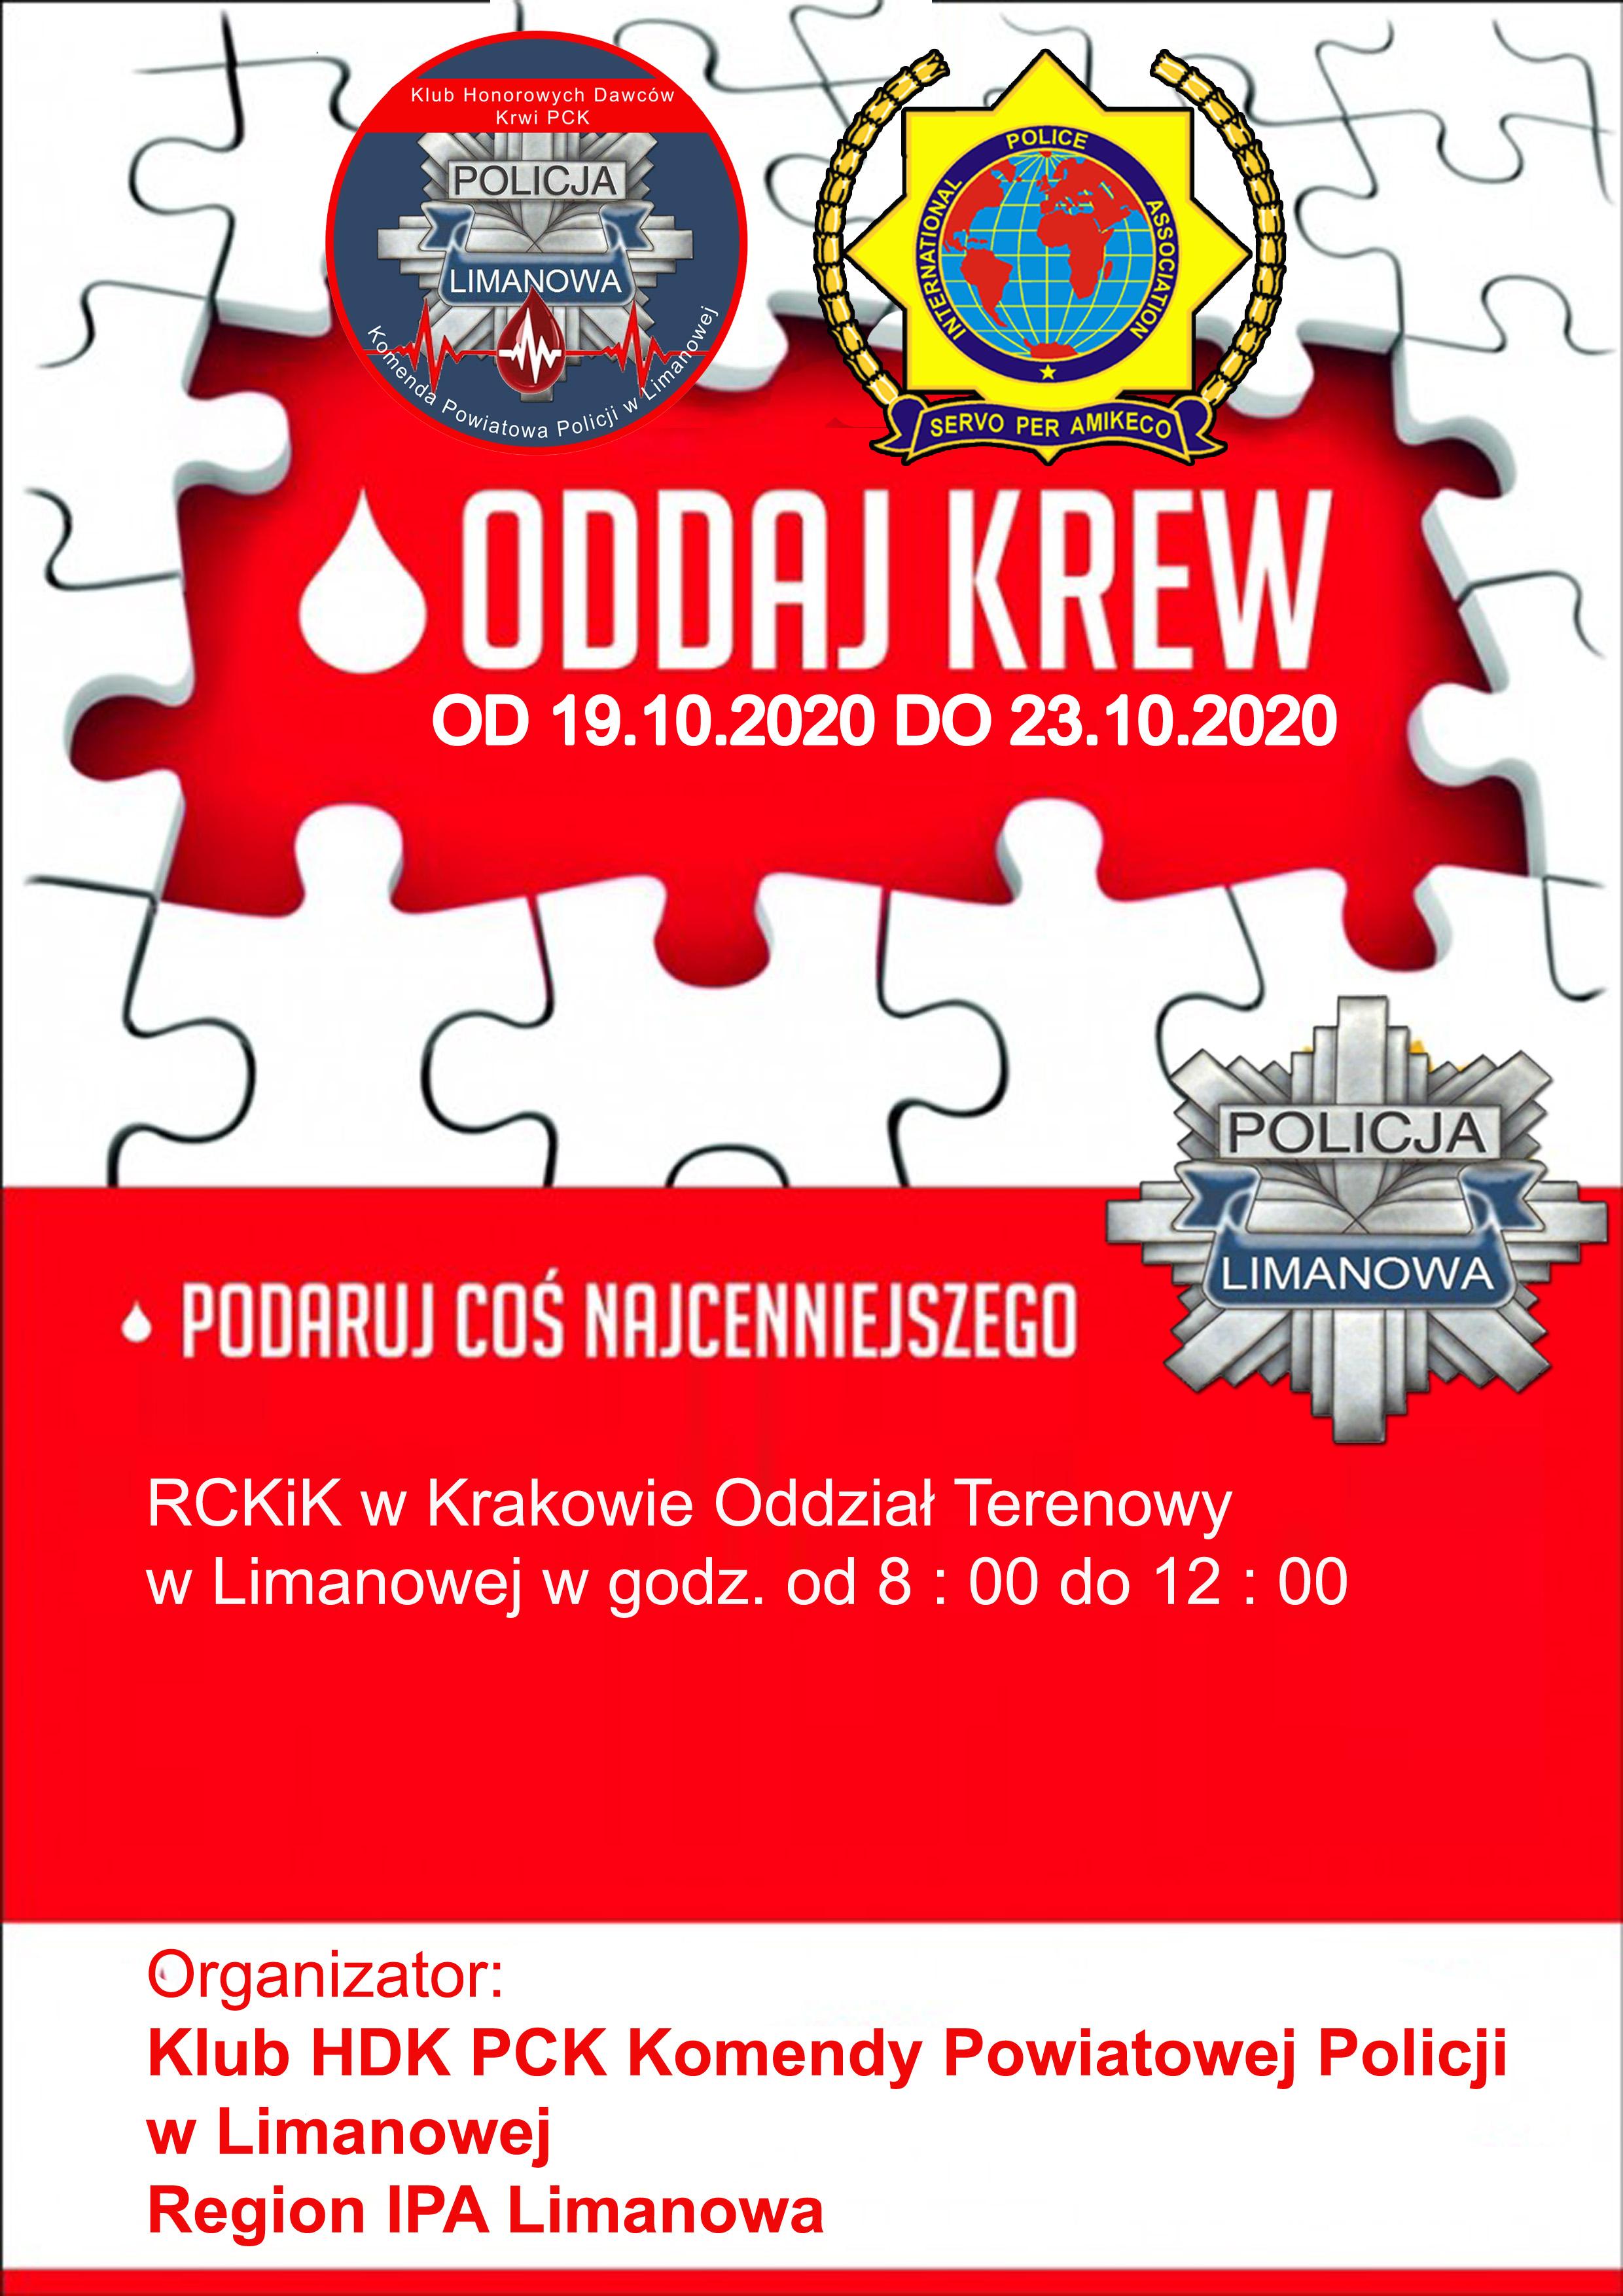 Oddaj krew. Plakat informujący o wydarzeniu.